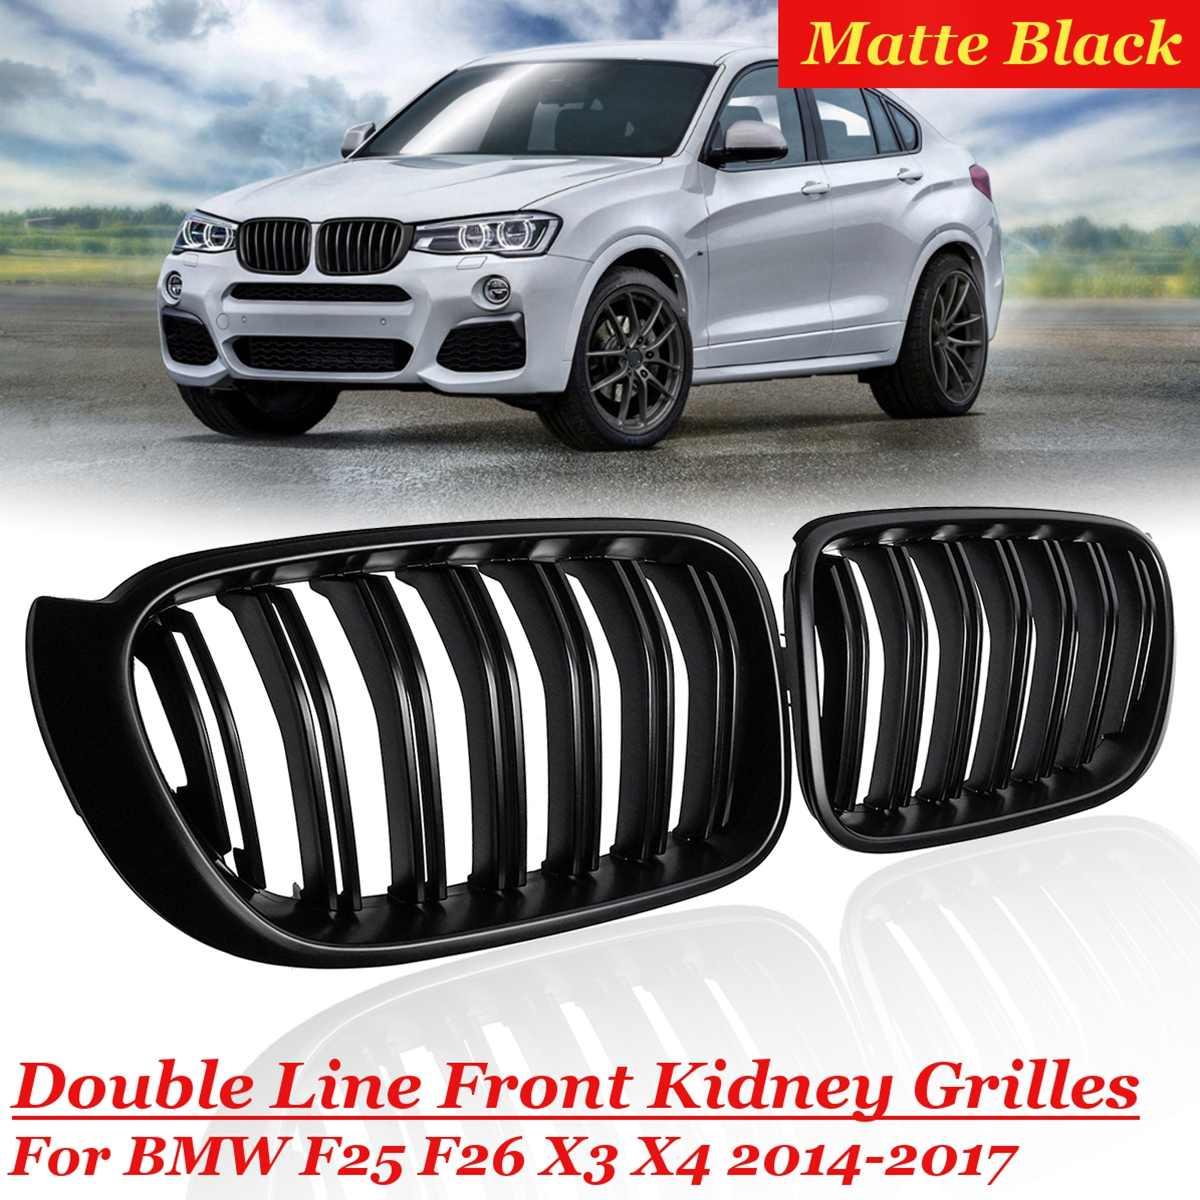 Pour BMW F25 F26 X3 X4 1 paire pare-chocs brillant mat noir M couleur 2 ligne latte rein Grill avant pare-chocs 2014 15 16 2017 Racing Grill